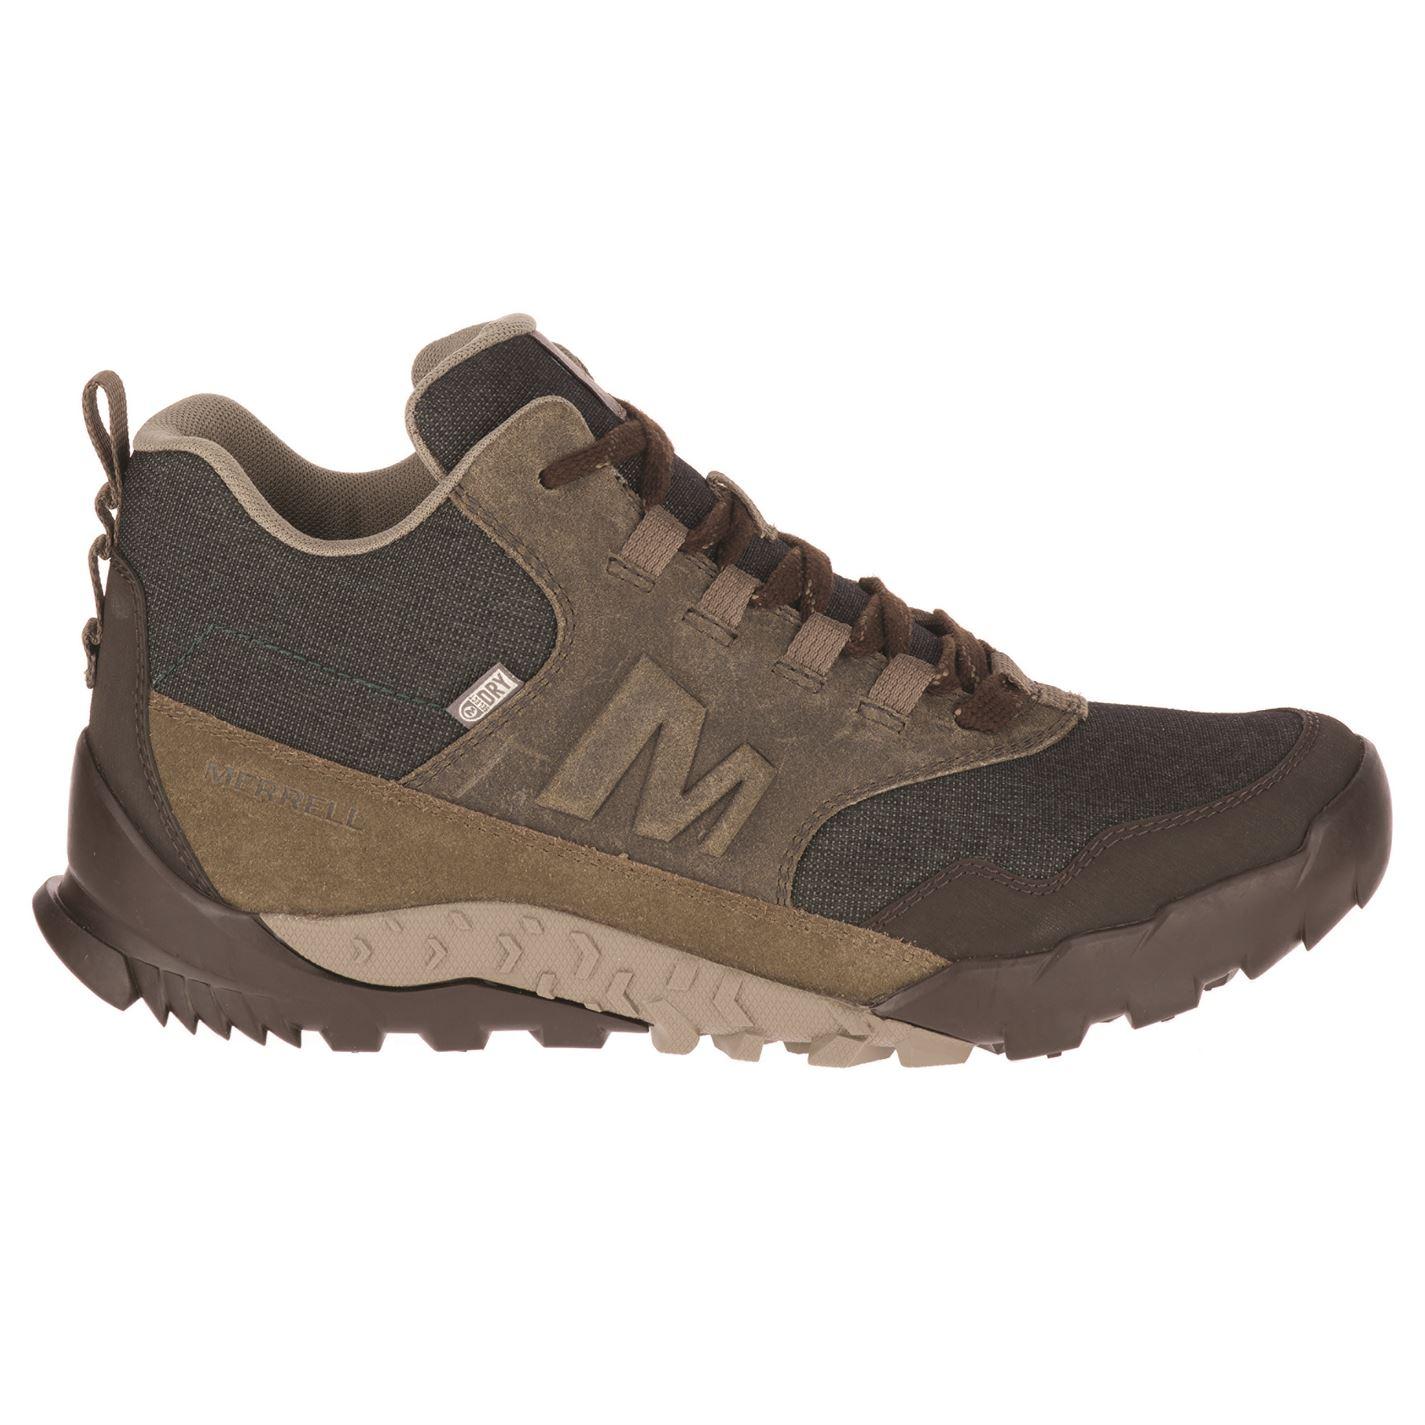 7f074fe02b9 Merrell Annex Waterproof Mens Walking Boots